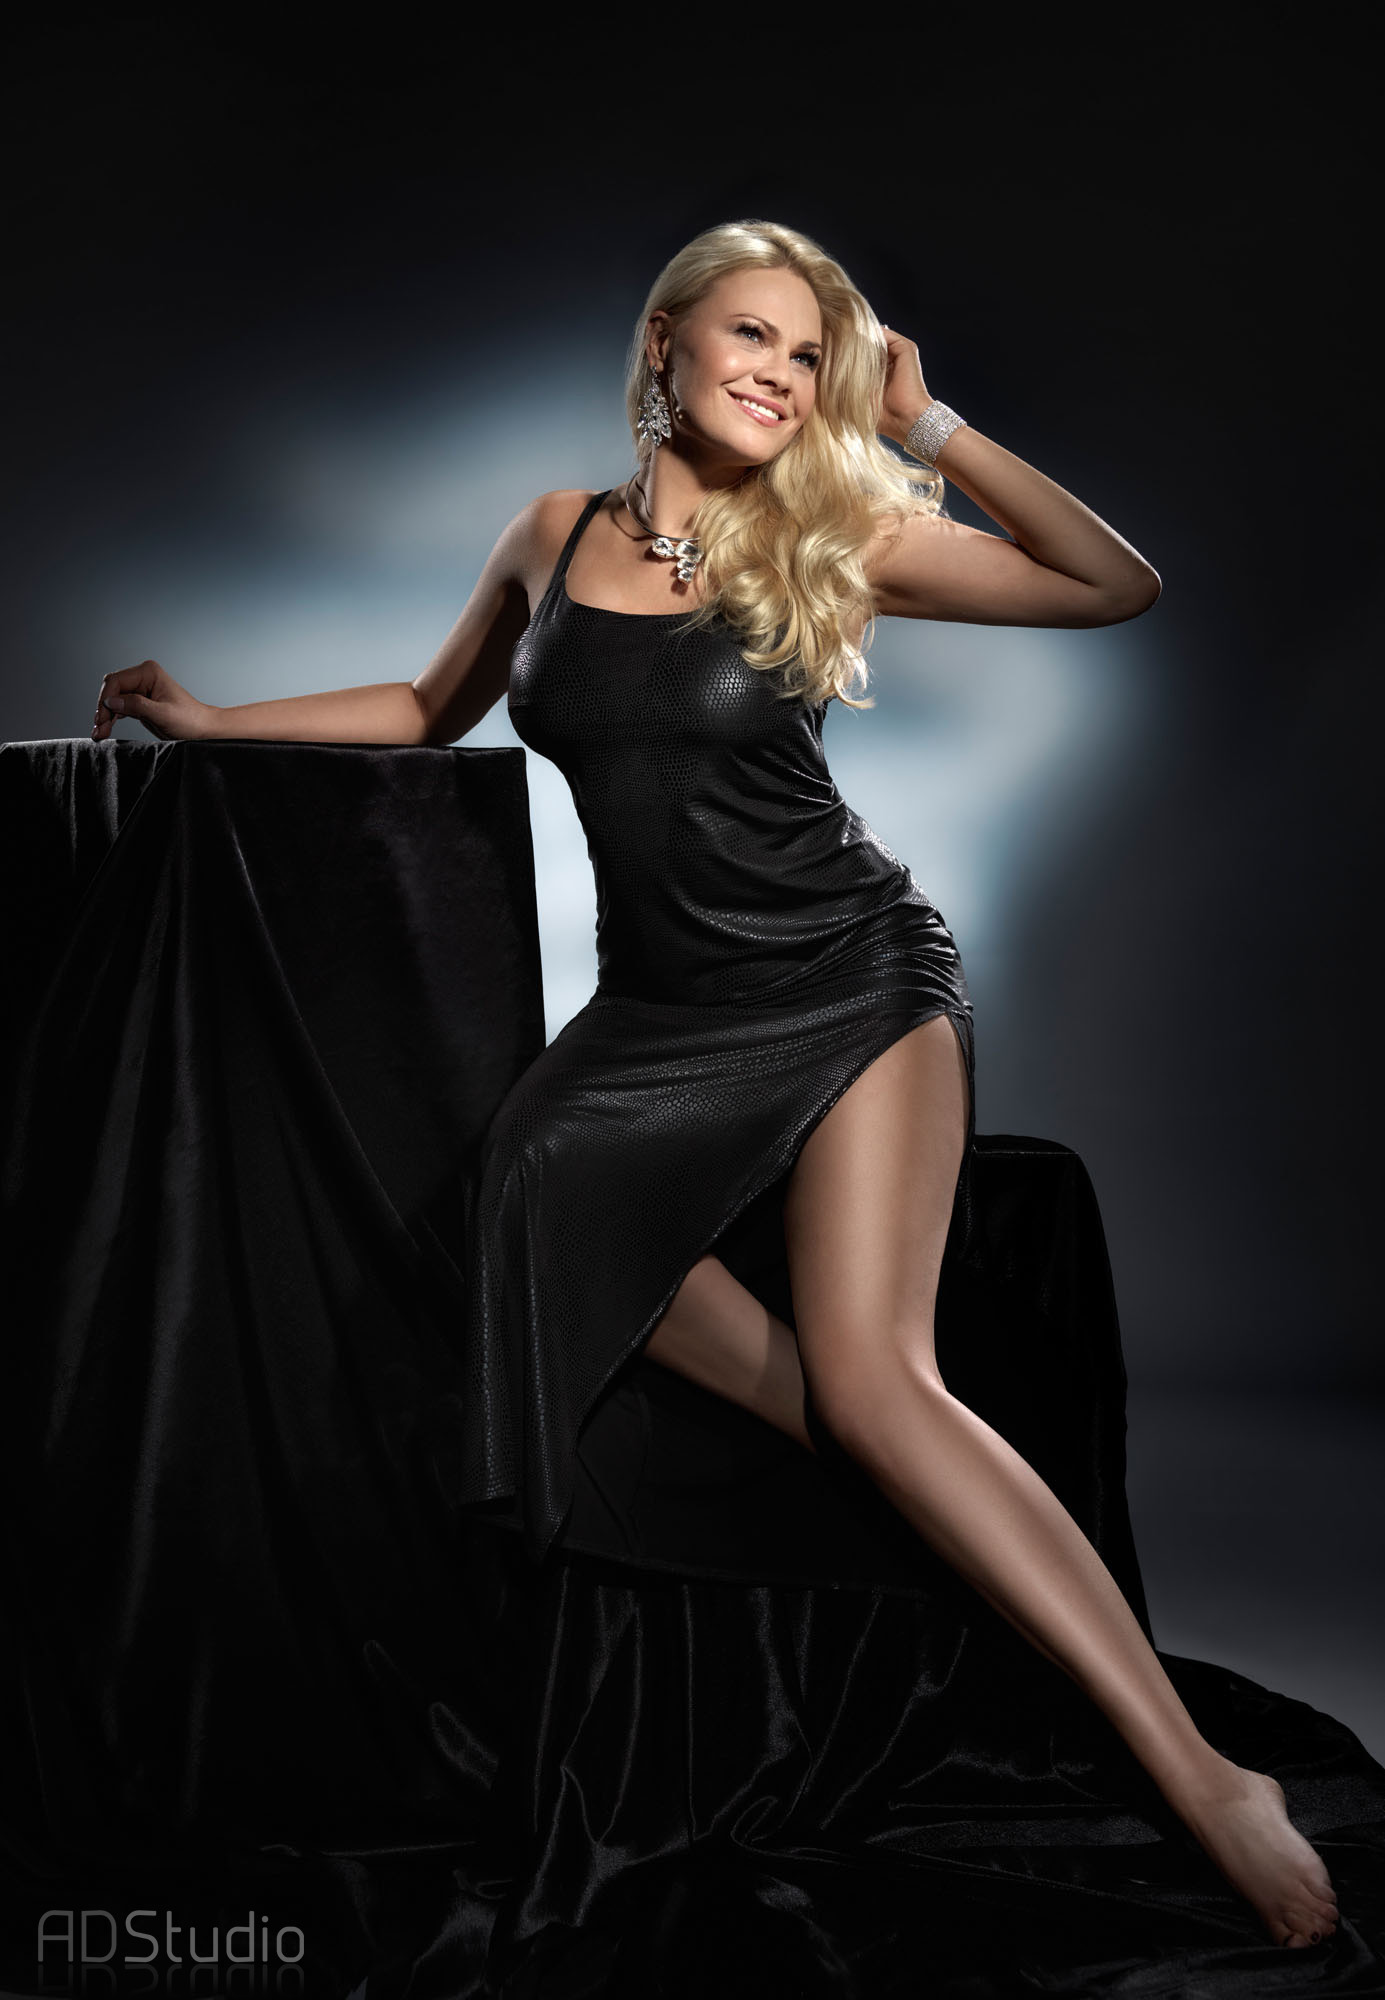 fotografia portretowa kobiety w czarnej sukni